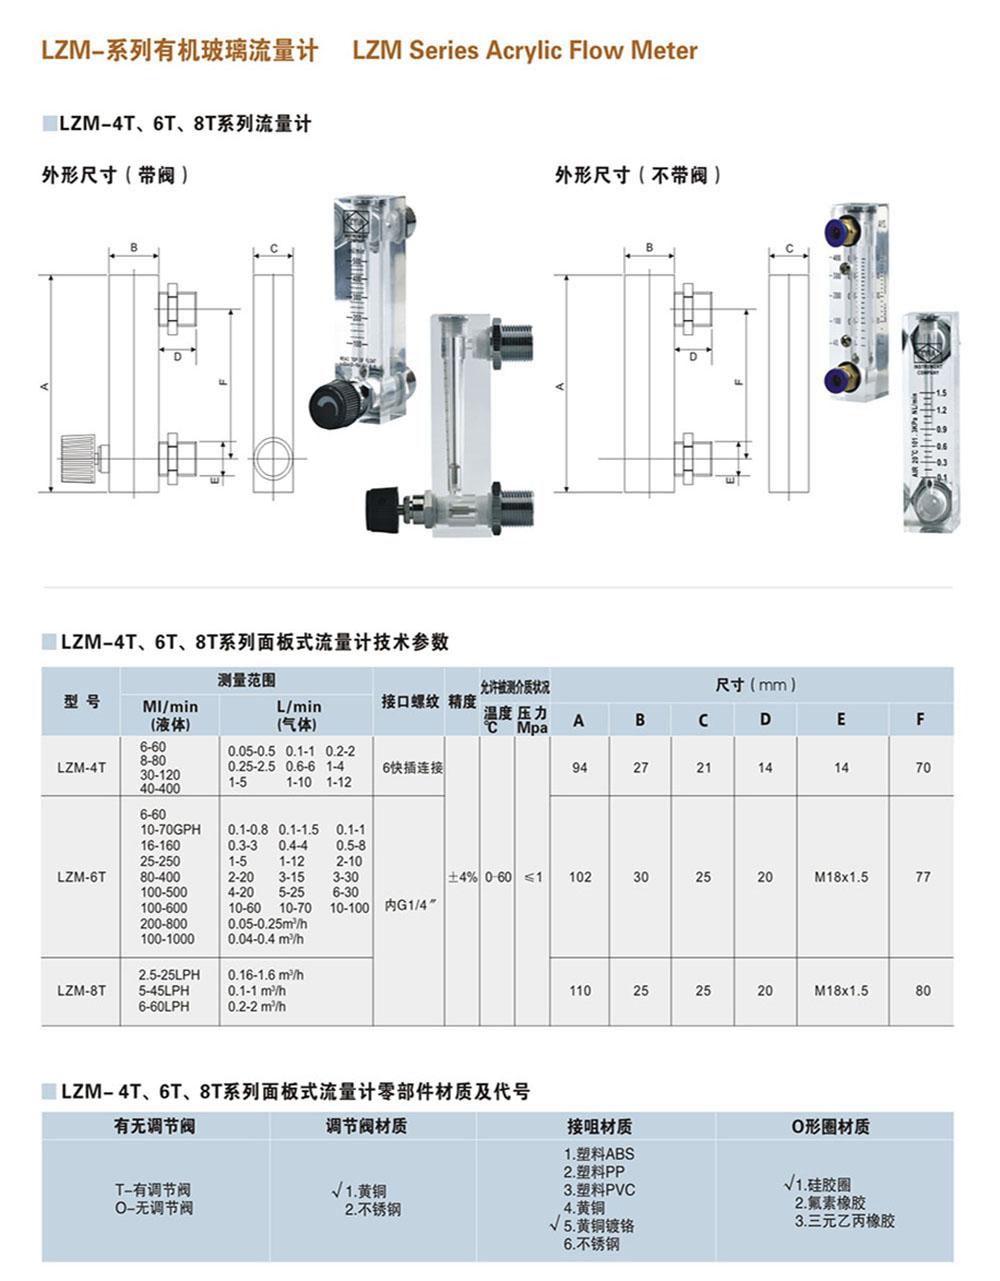 LZM-4T 6T 8T系列